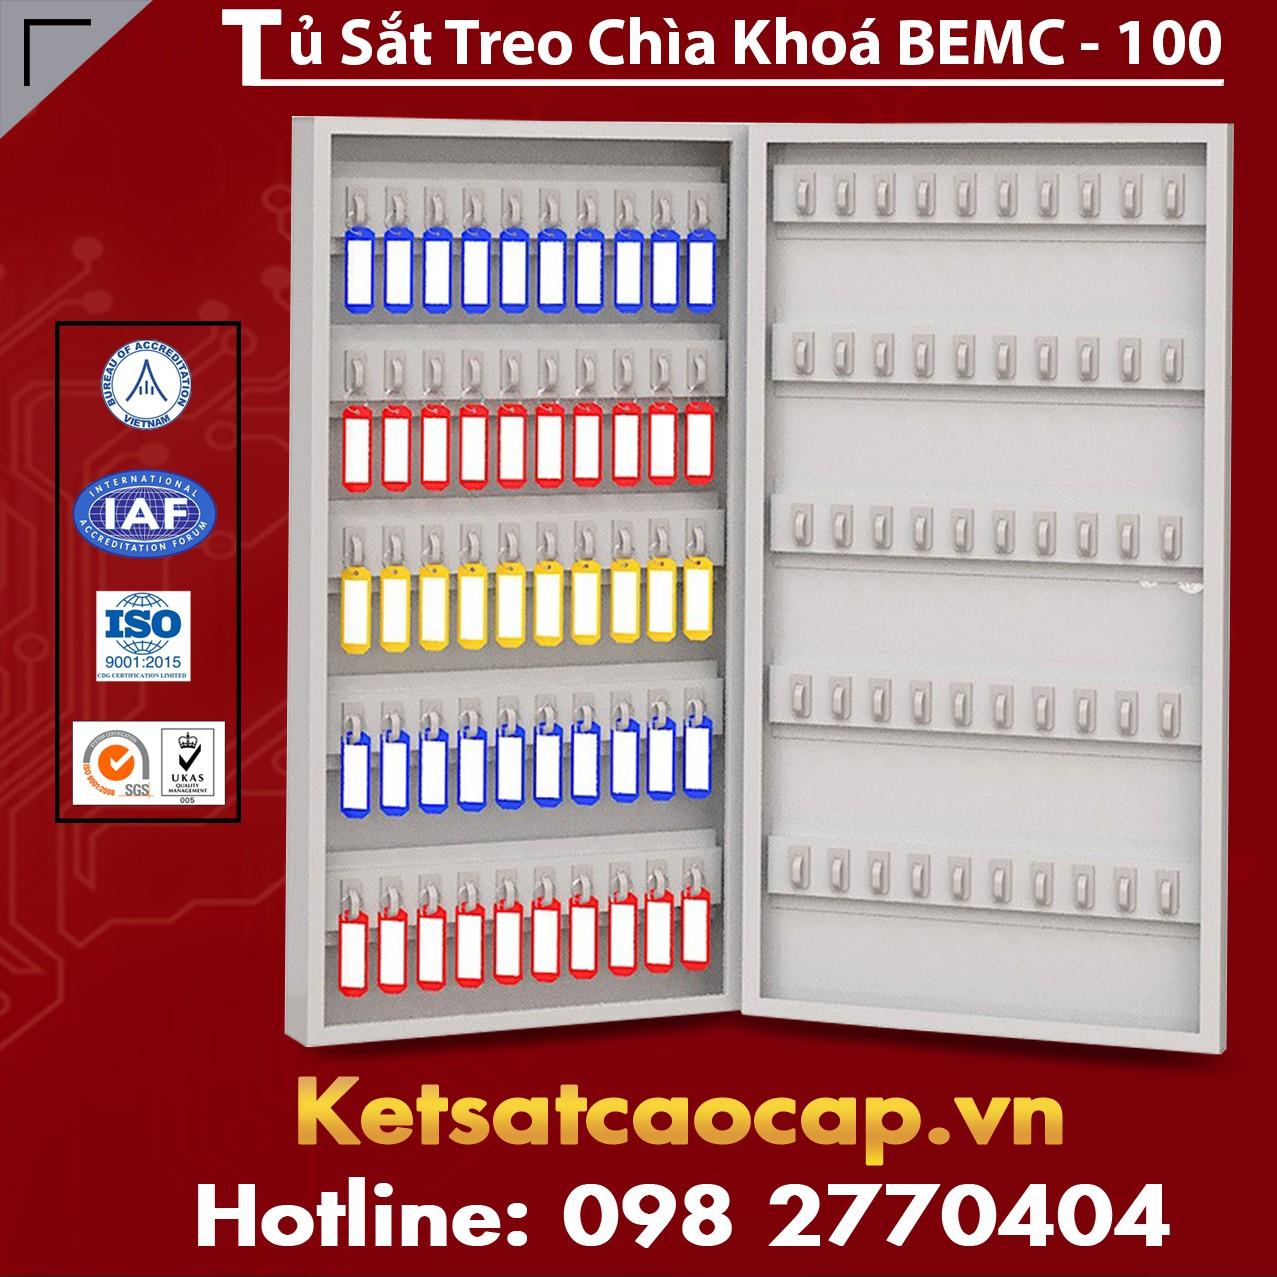 Tủ Sắt Treo Chìa Khoá BEMC-100